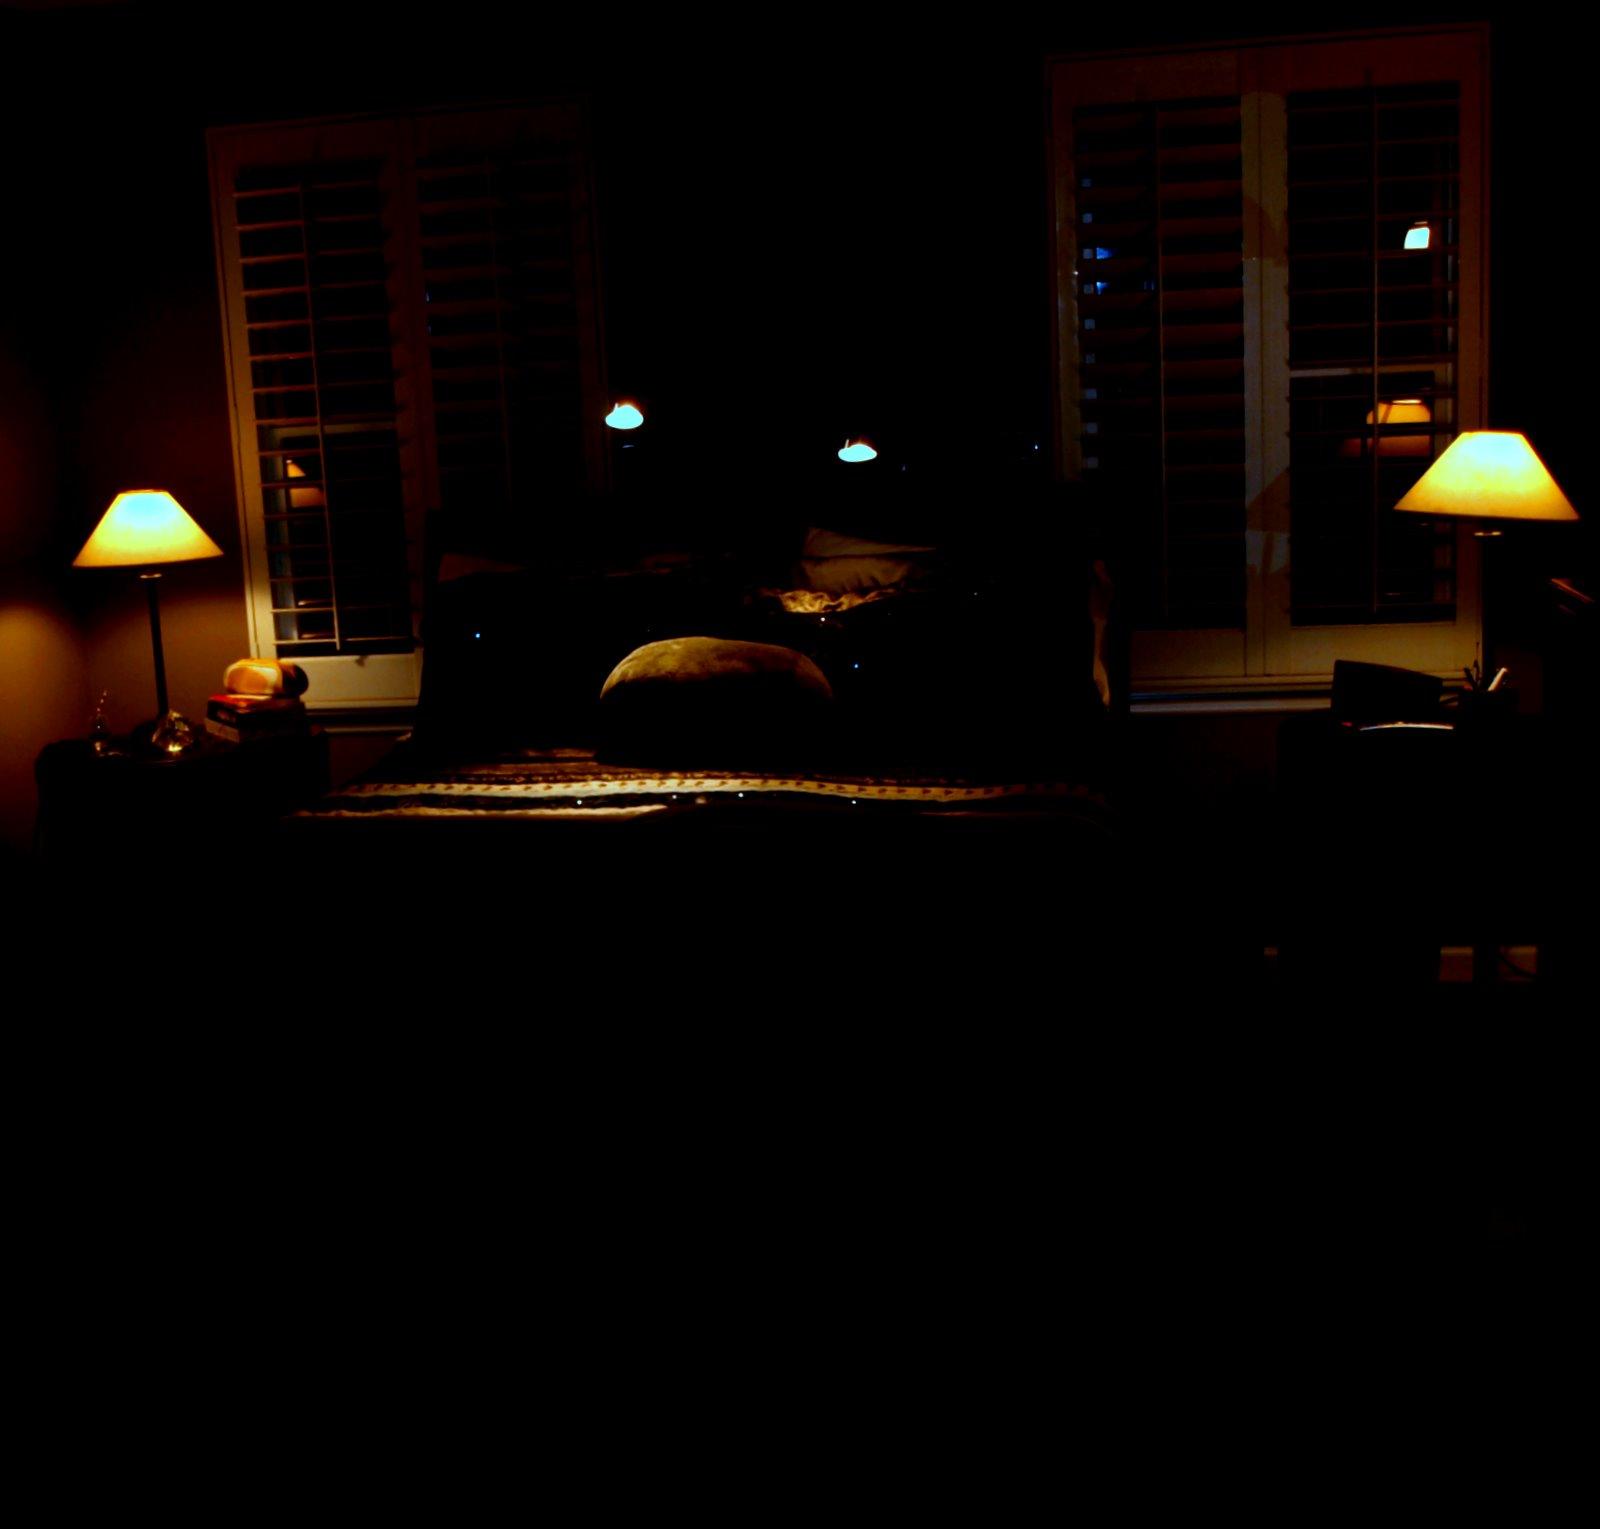 Stock detail dark bedroom official psds for Bedroom night